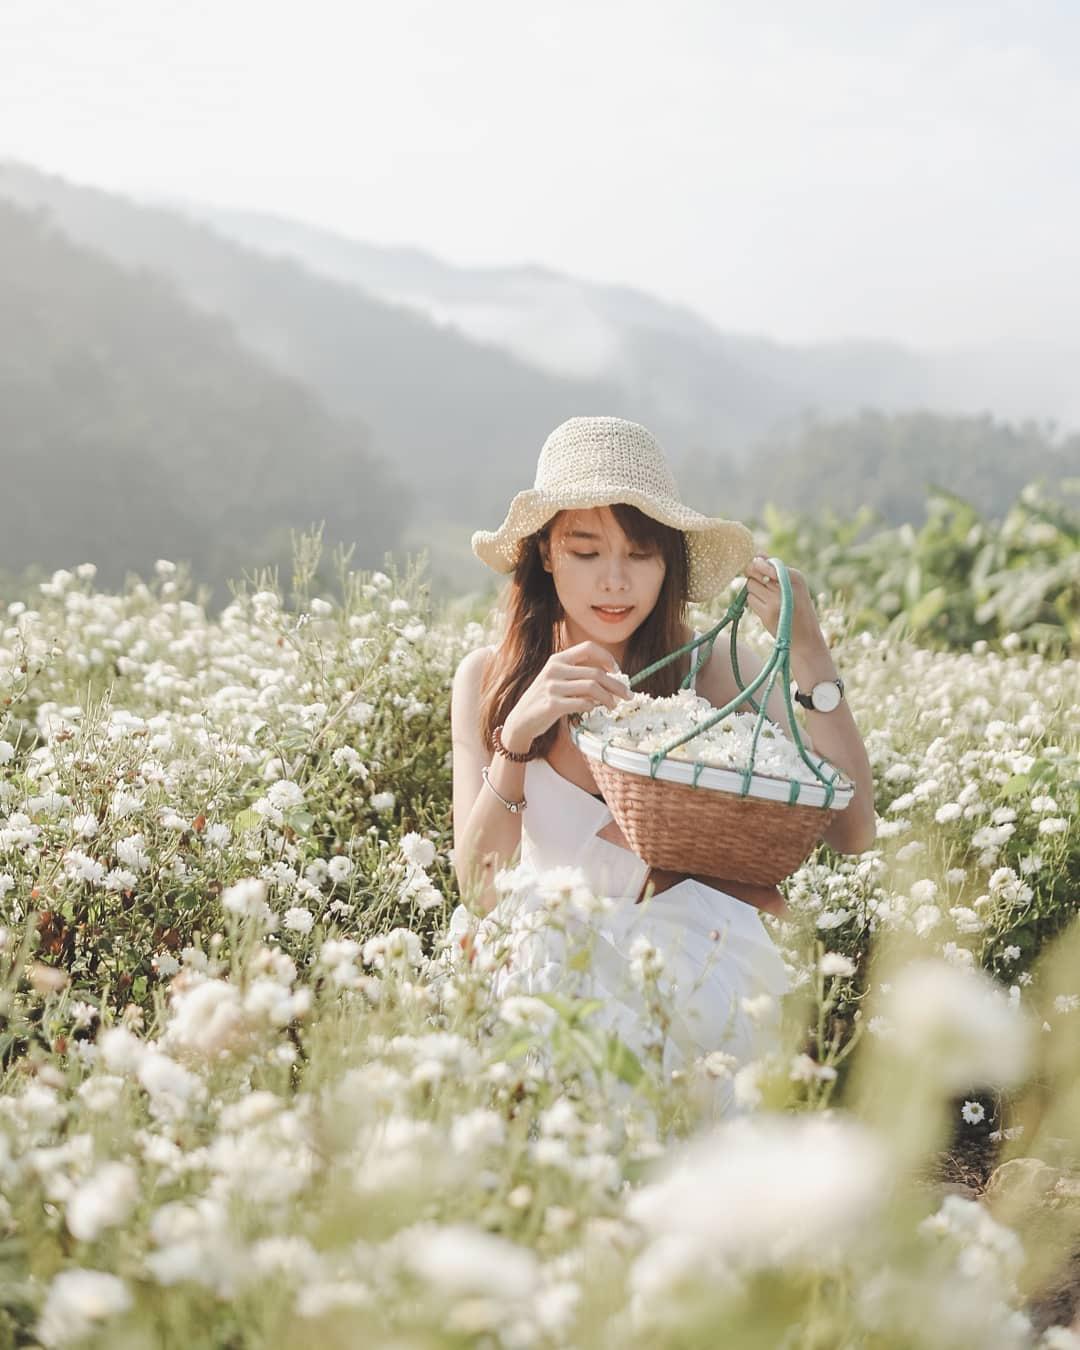 """Check in gấp ở 4 vườn hoa đẹp nhất Chiang Mai để biết vì sao nơi đây được mệnh danh là """"đóa hồng phương Bắc"""" của đất Thái - Ảnh 7."""